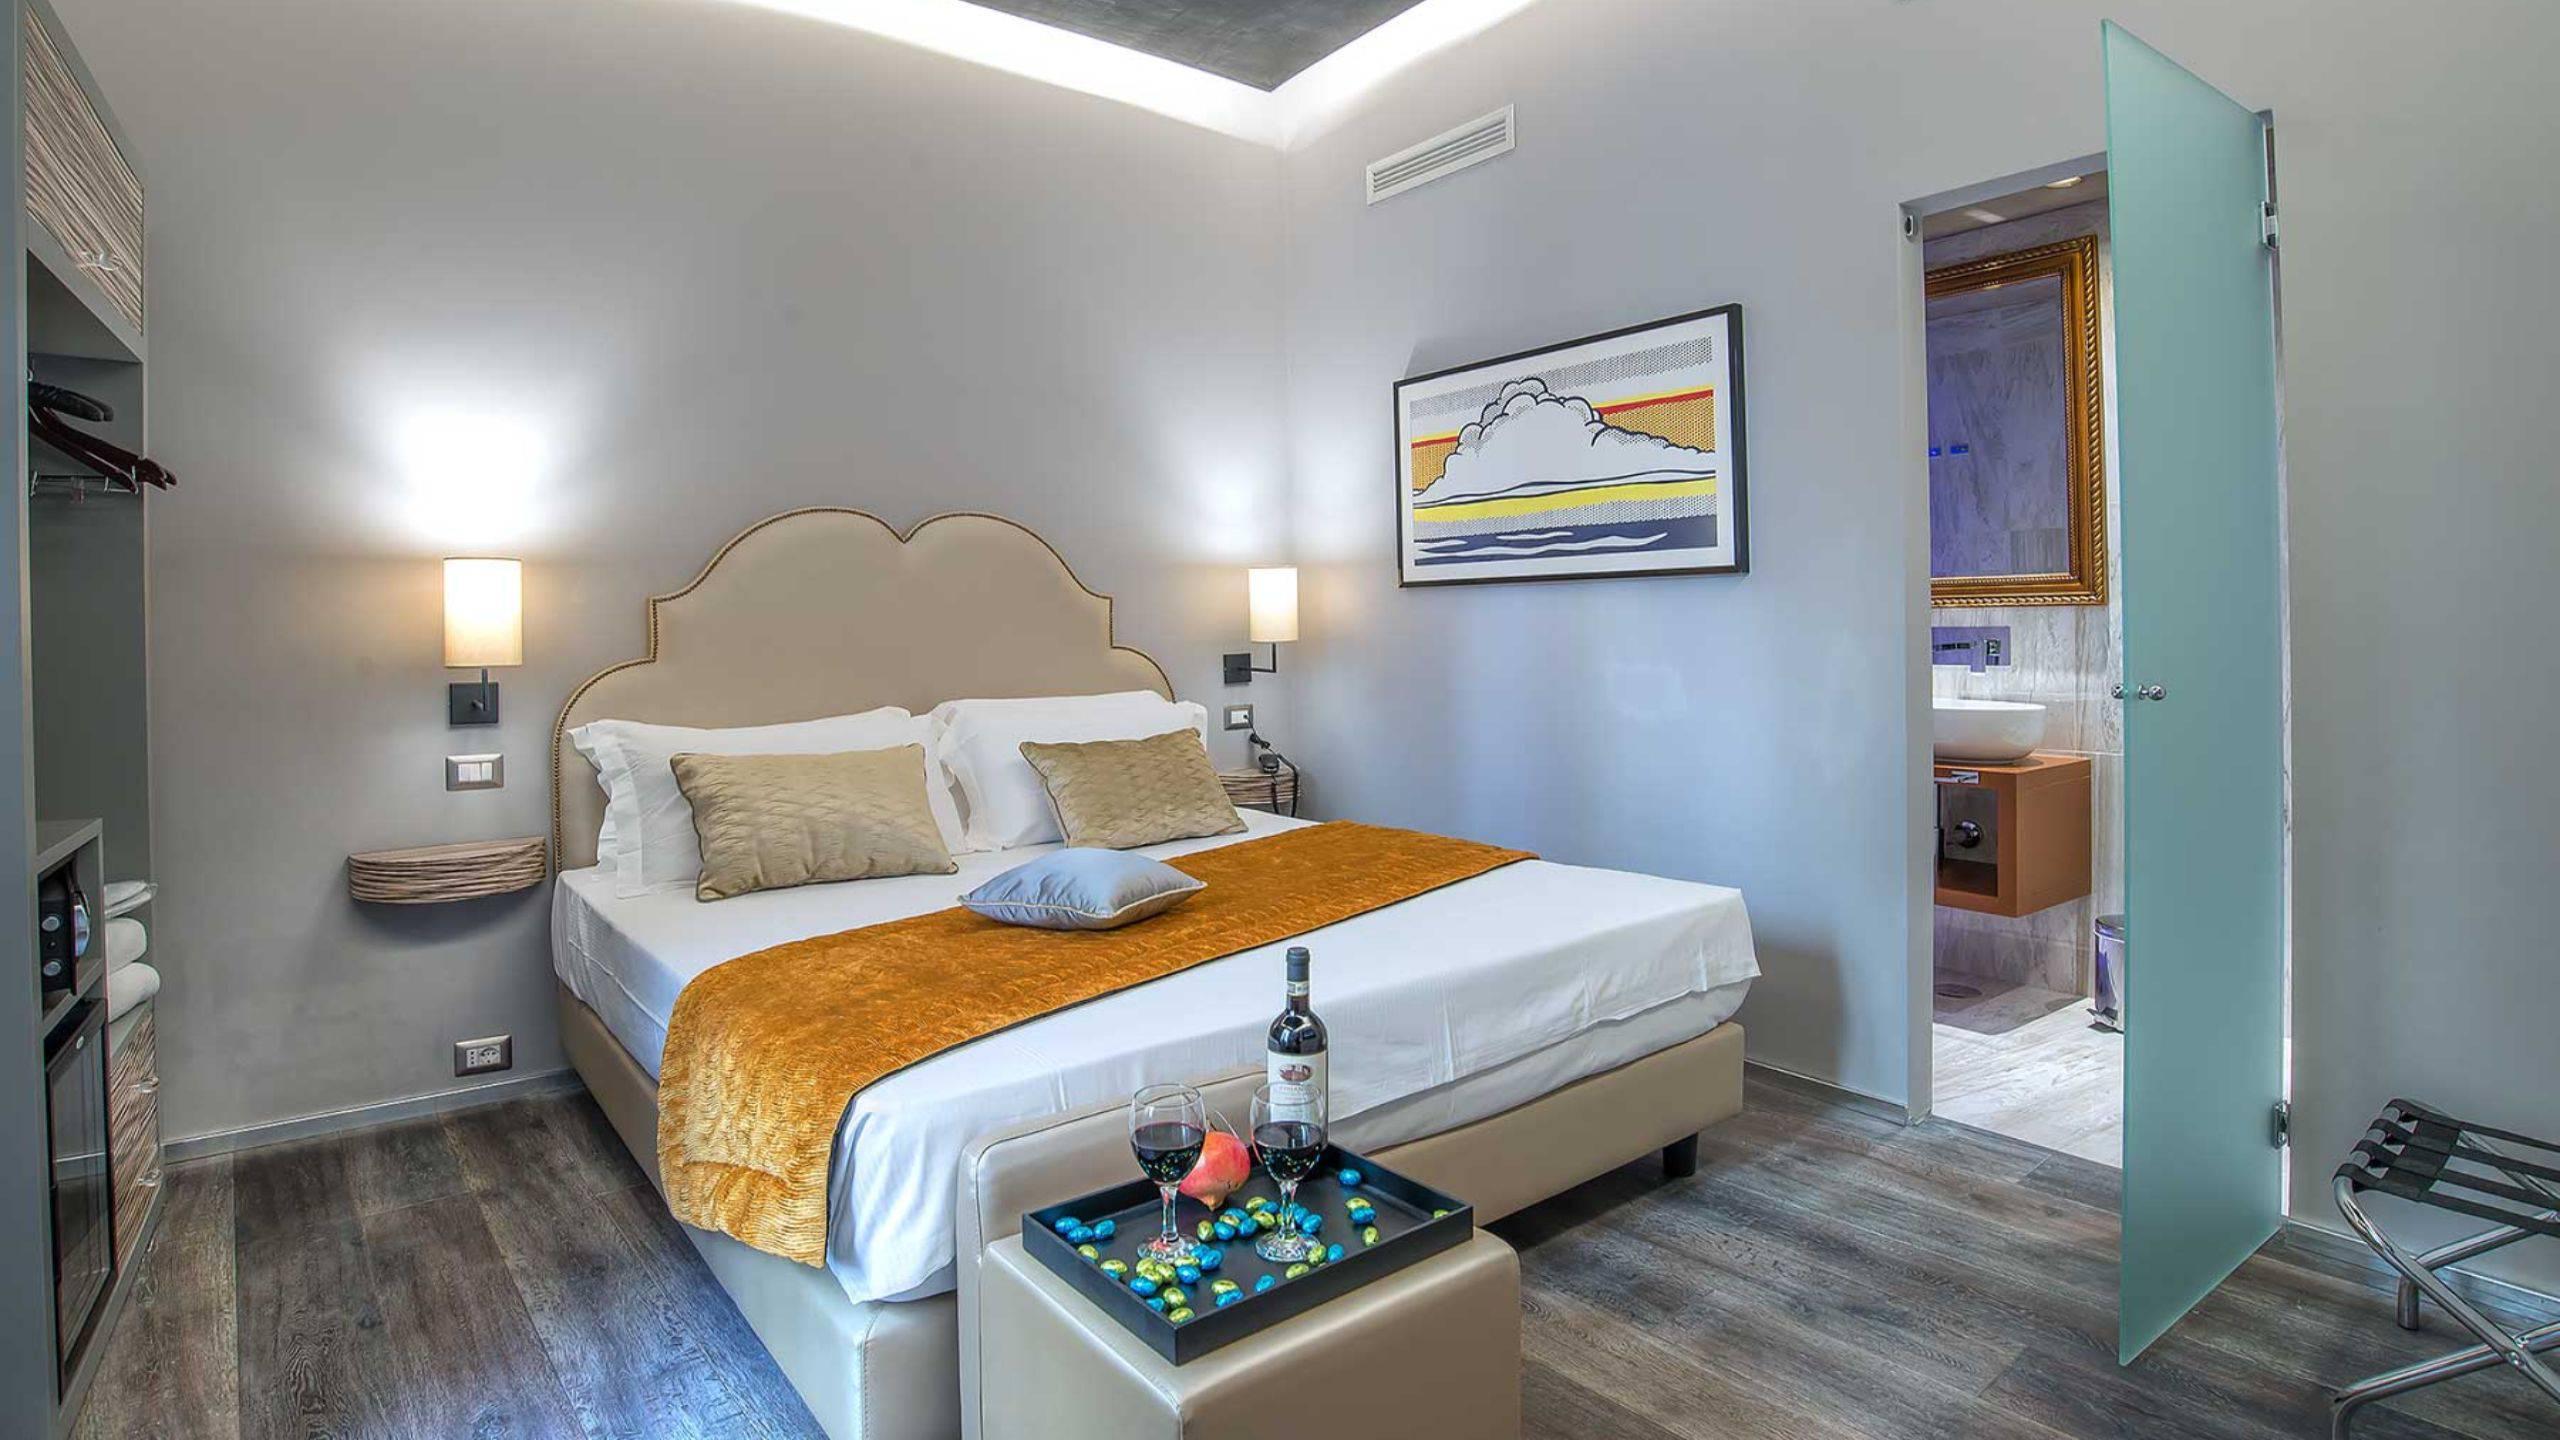 Colonna-suite-del-corso-rome-superior-room-bed-205a-20